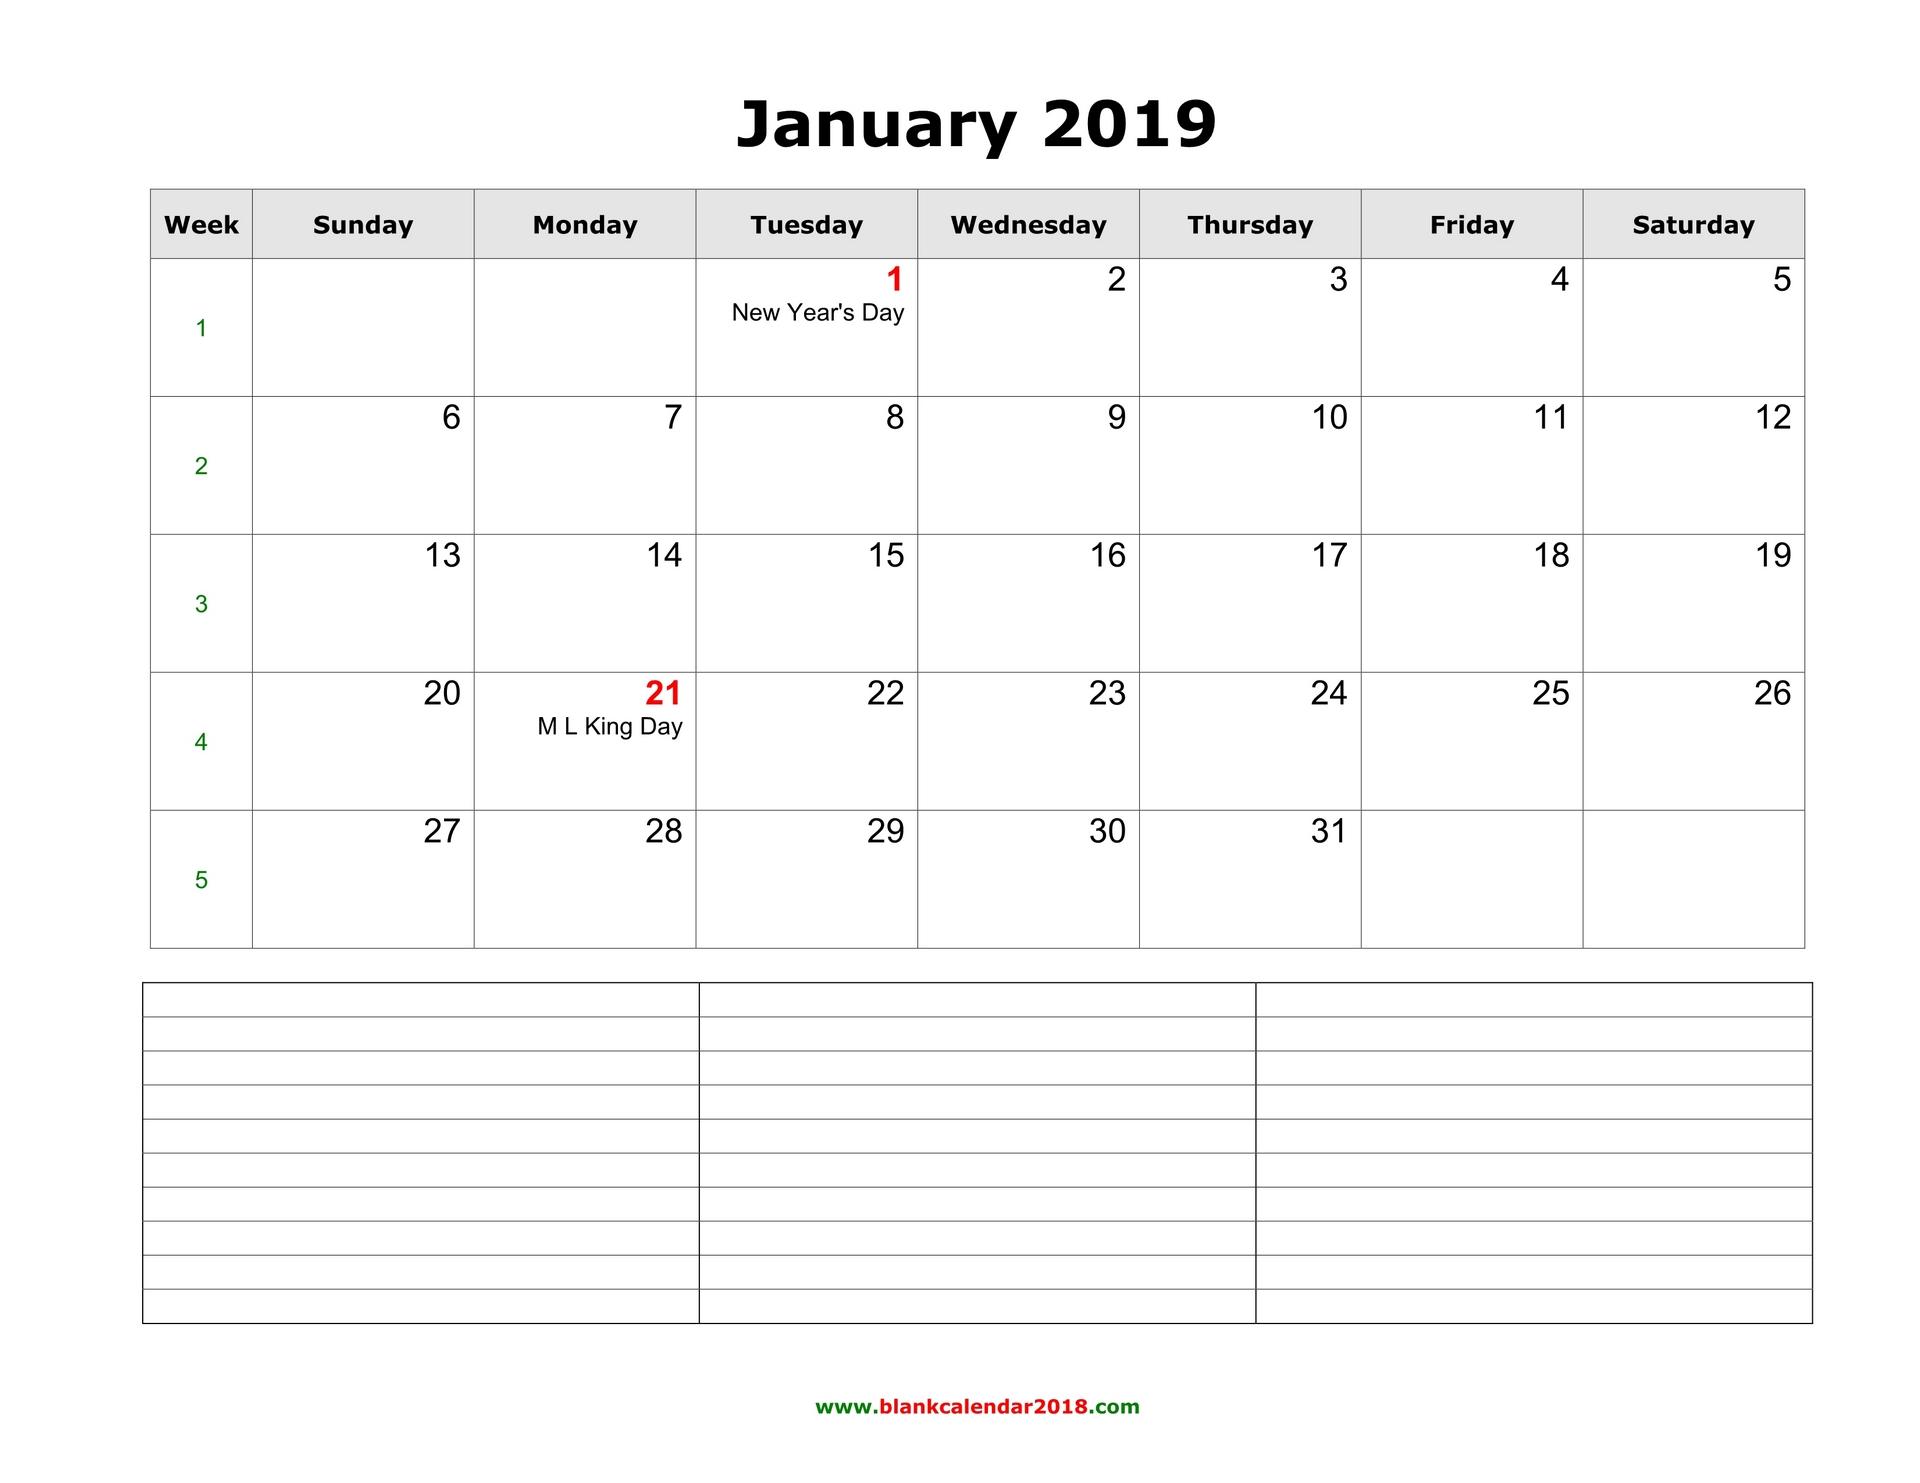 Calendario Word 2019.Blank Calendar 2019